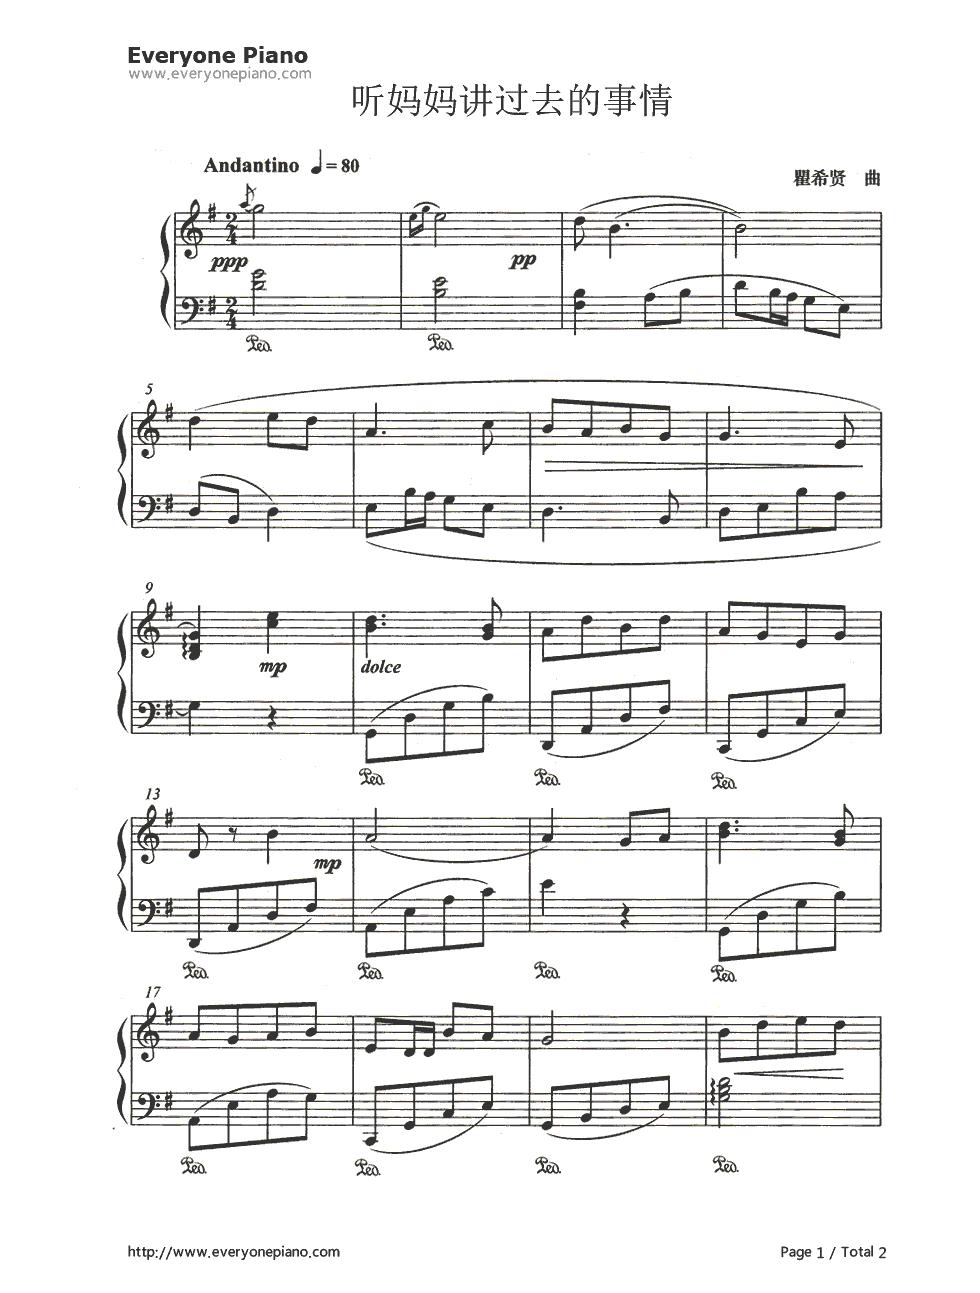 钢琴曲谱 儿歌 听妈妈讲那过去的事情简谱,五线谱对应版 听妈妈讲那